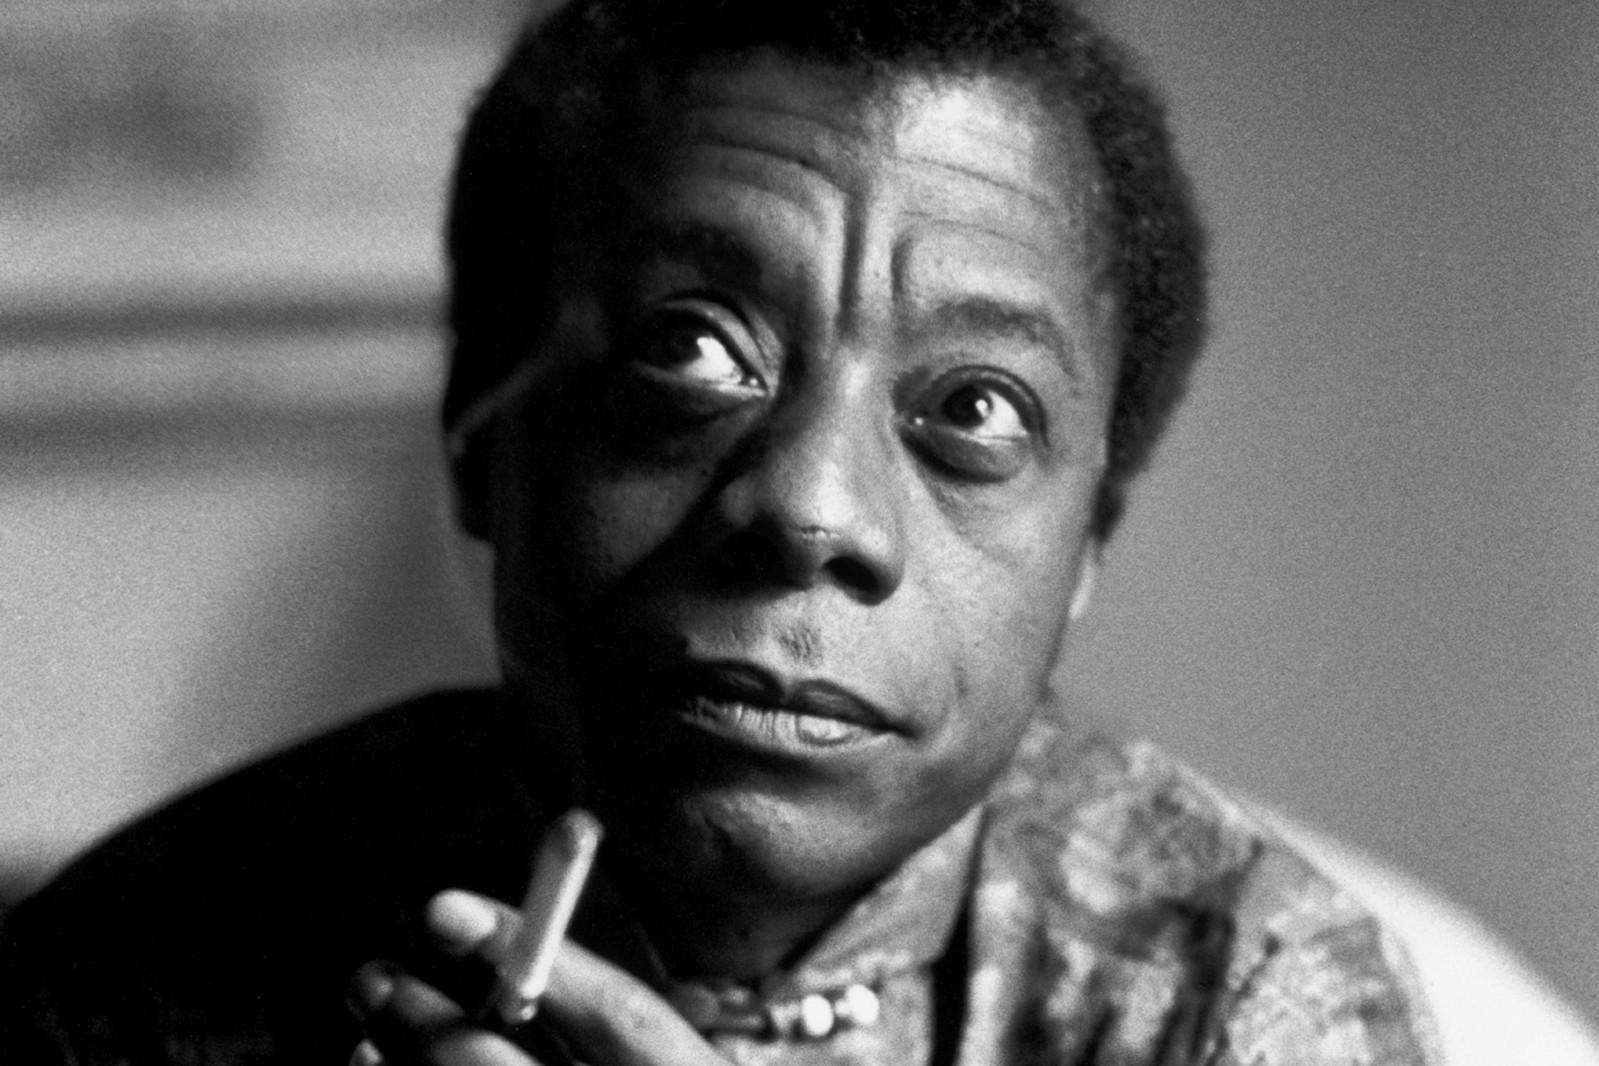 African American (Racial), BALDWIN James, Cigarette, Faces, France, Fumeur, Intérieur, Interior, Noir Afro-Américain, Portrait, processed, Smoker